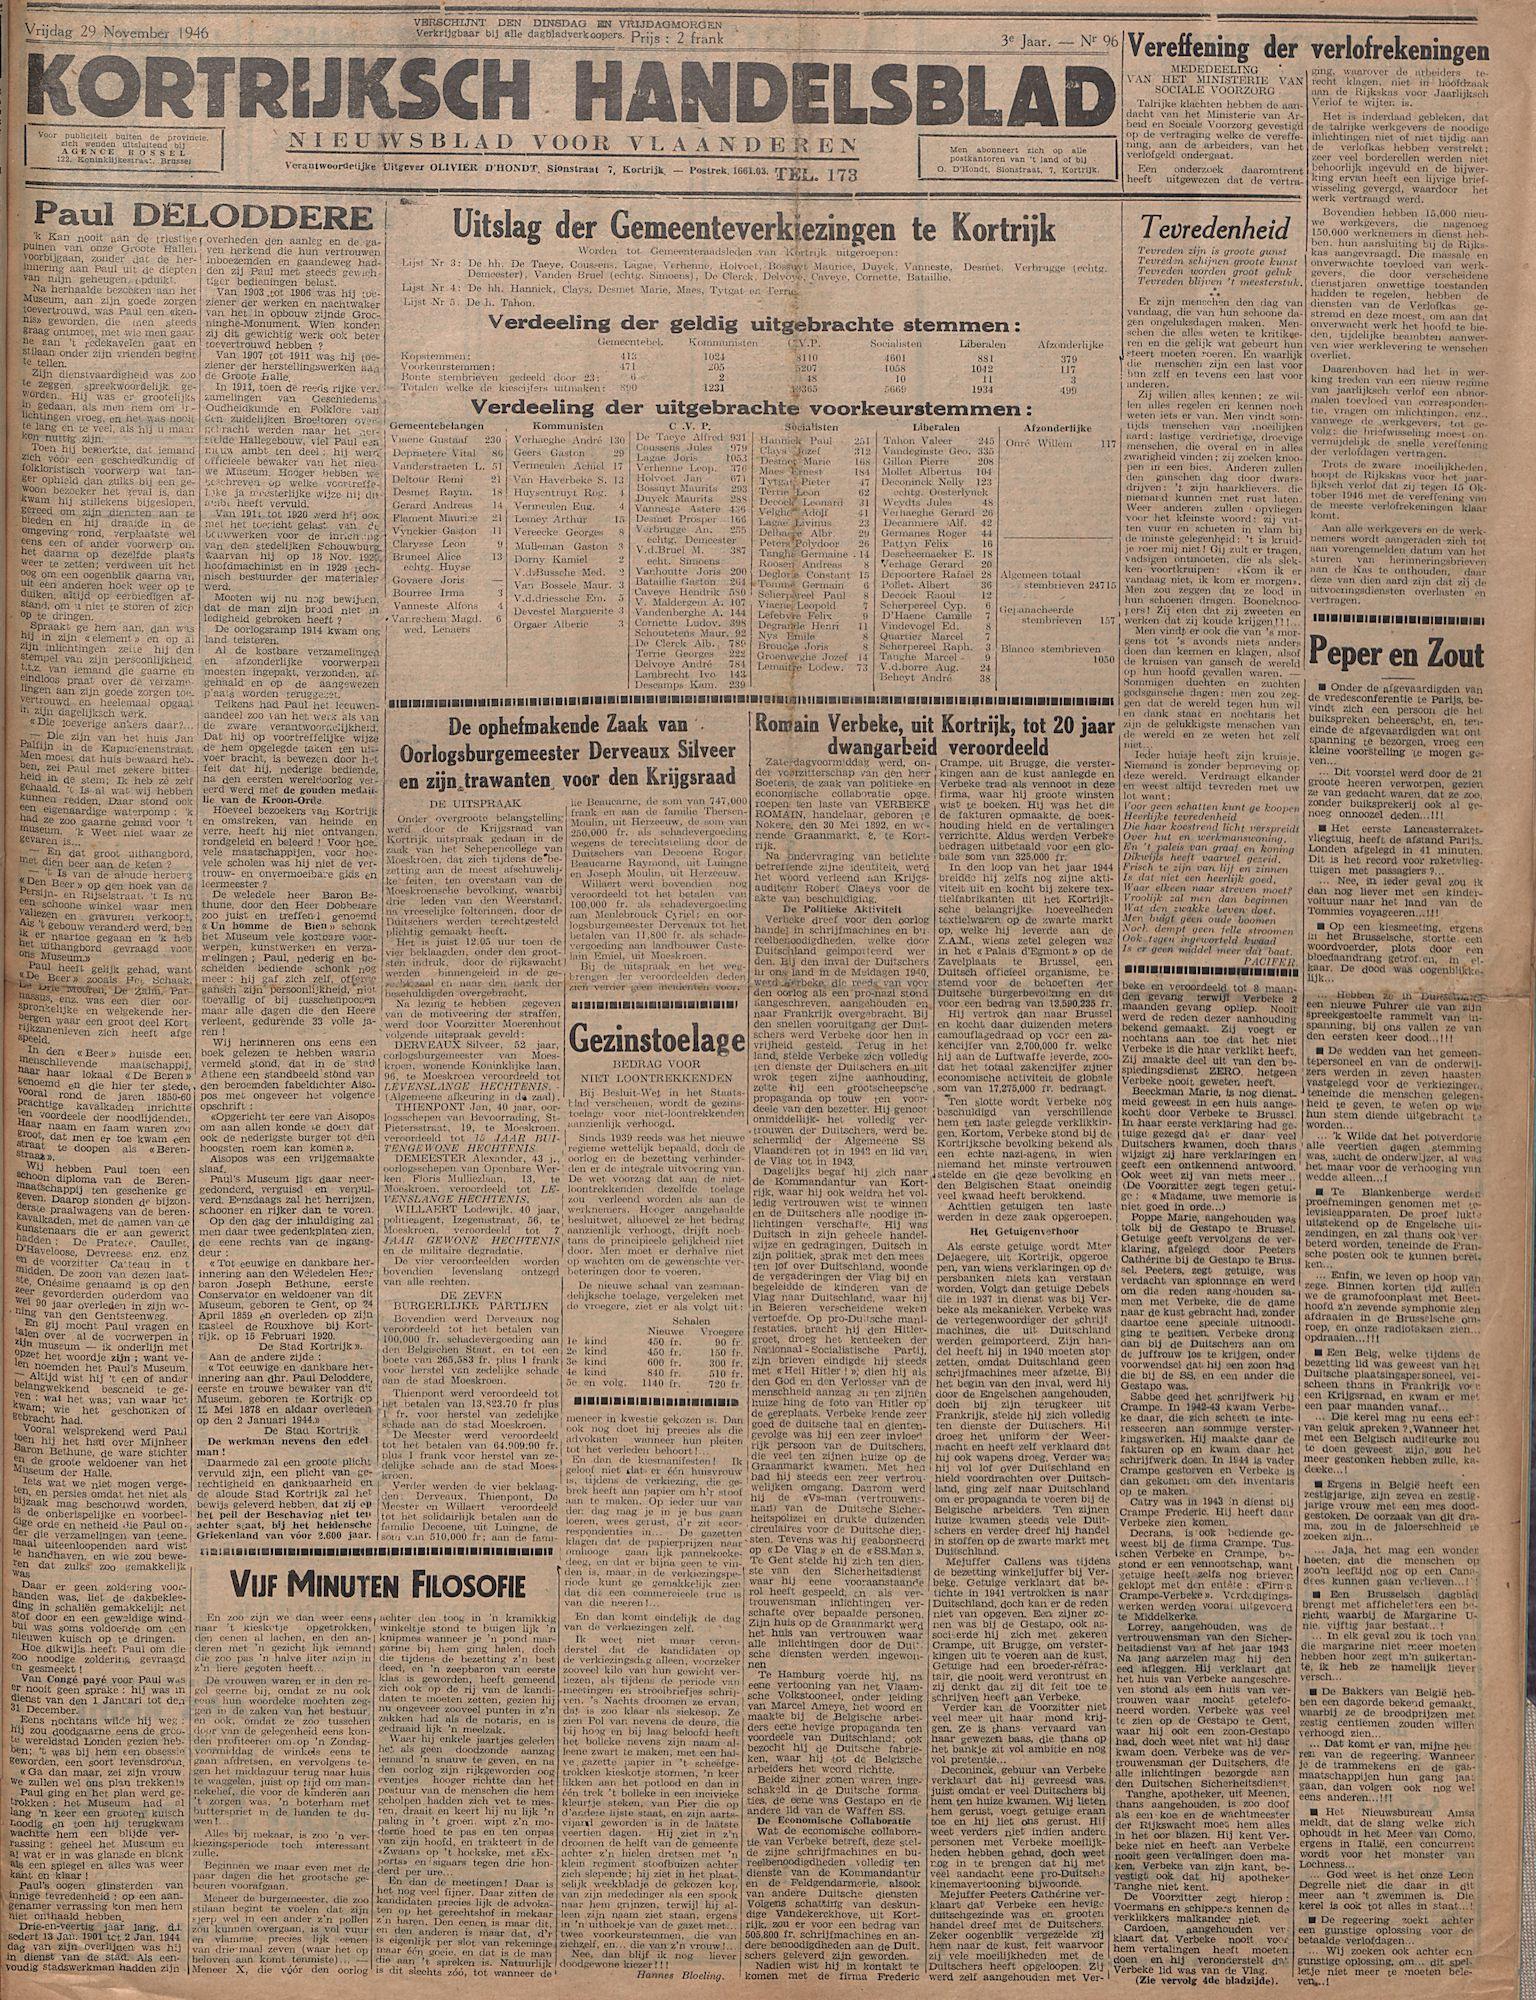 Kortrijksch Handelsblad 29 november 1946 Nr96 p1